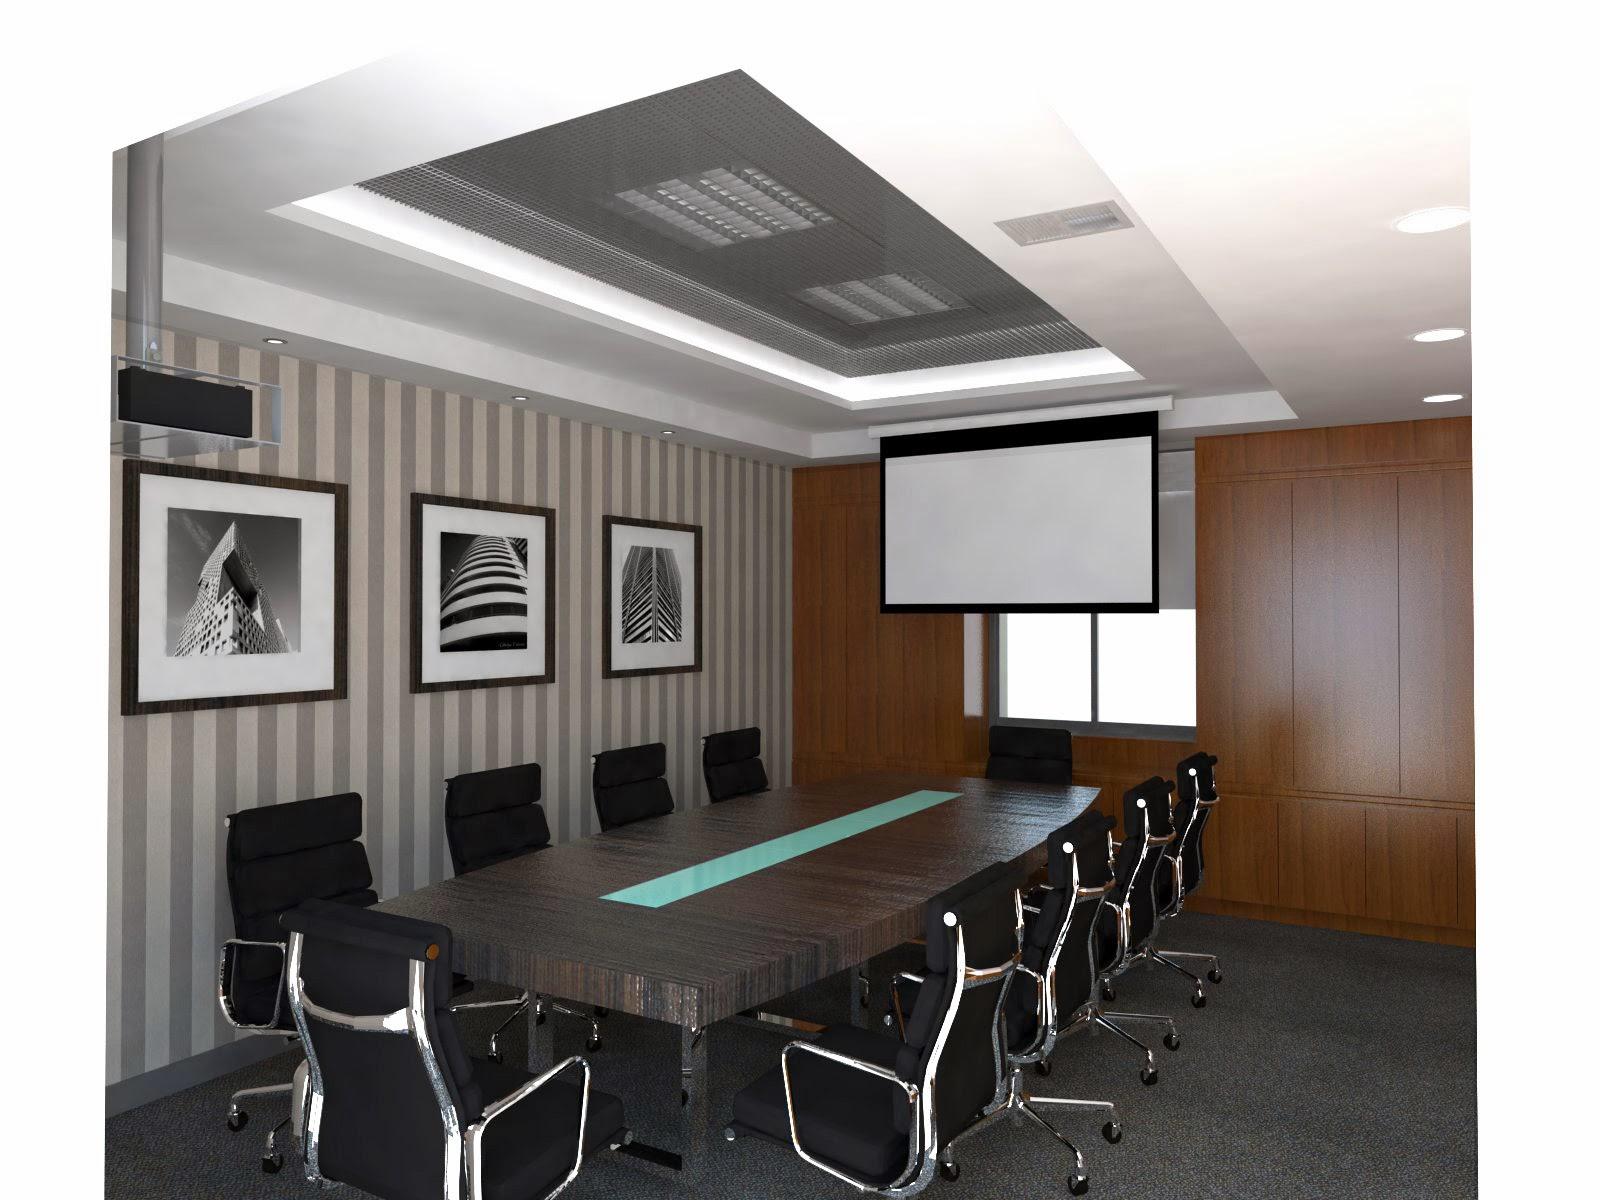 Oniria propuestas de dise o para sala de reuniones for Mesa sala de reuniones